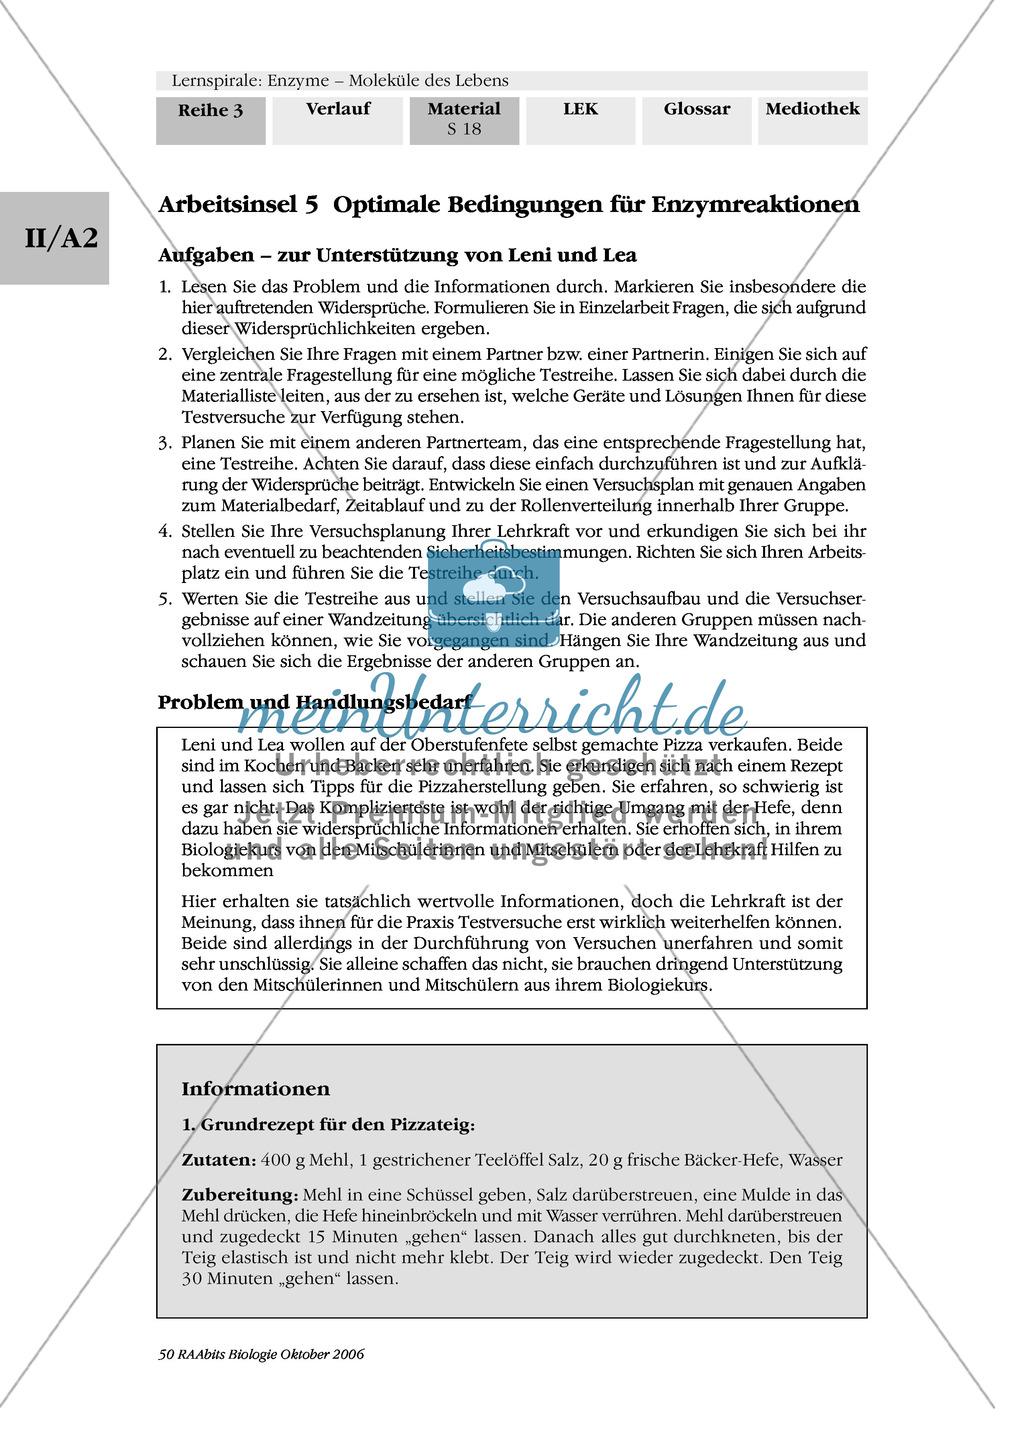 Enzyme: Arbeitsinseln zu den Themen Stoffwechsel, Enzymreaktionen, Hemmstoffe, Cofaktoren, Regulation Preview 11